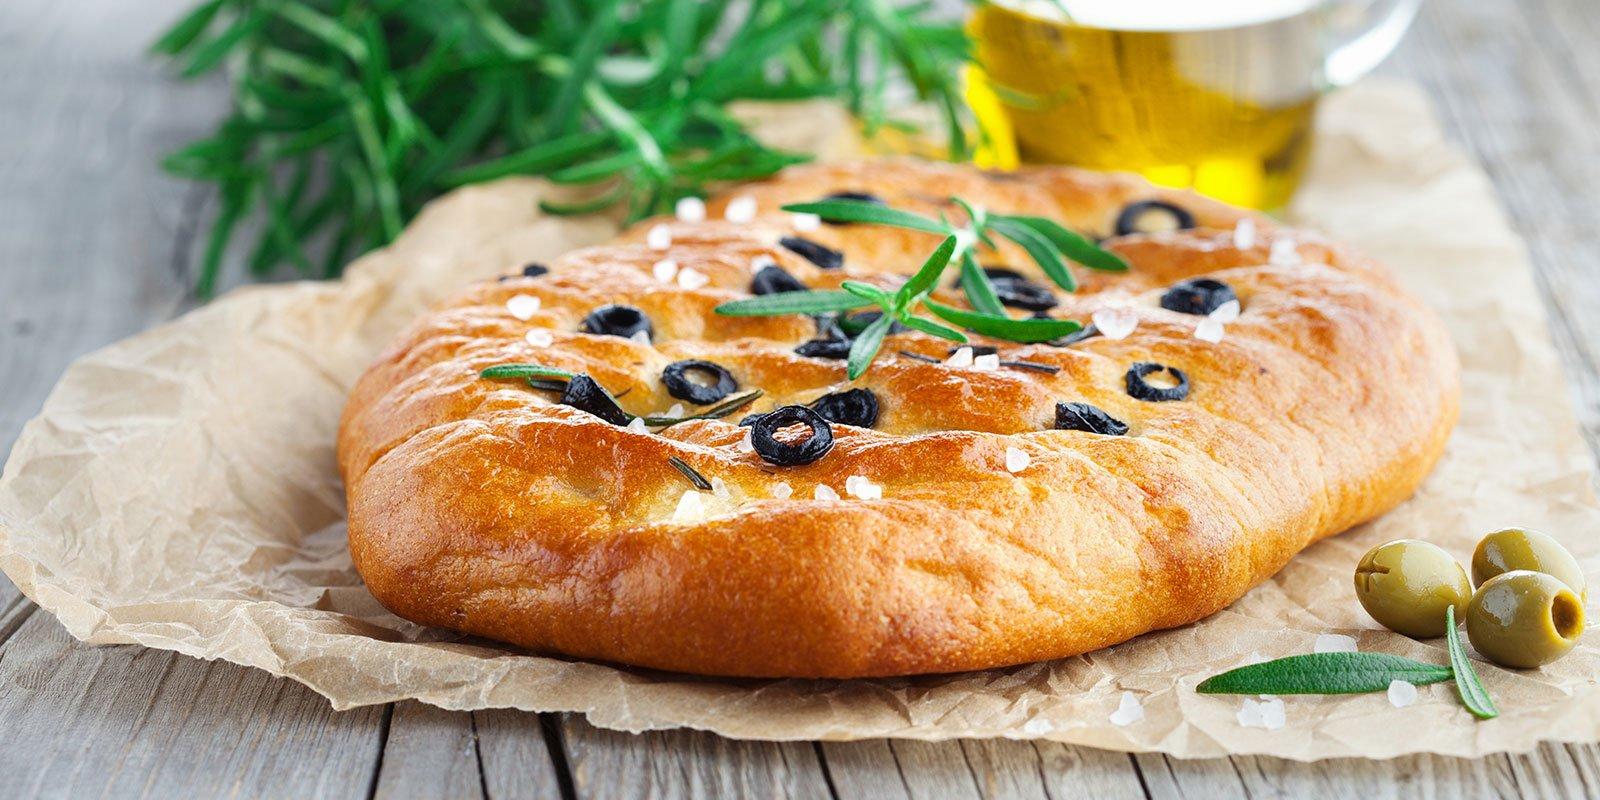 pane appena sfornato tradizionale focaccia italiana con rosmarino e olive nere